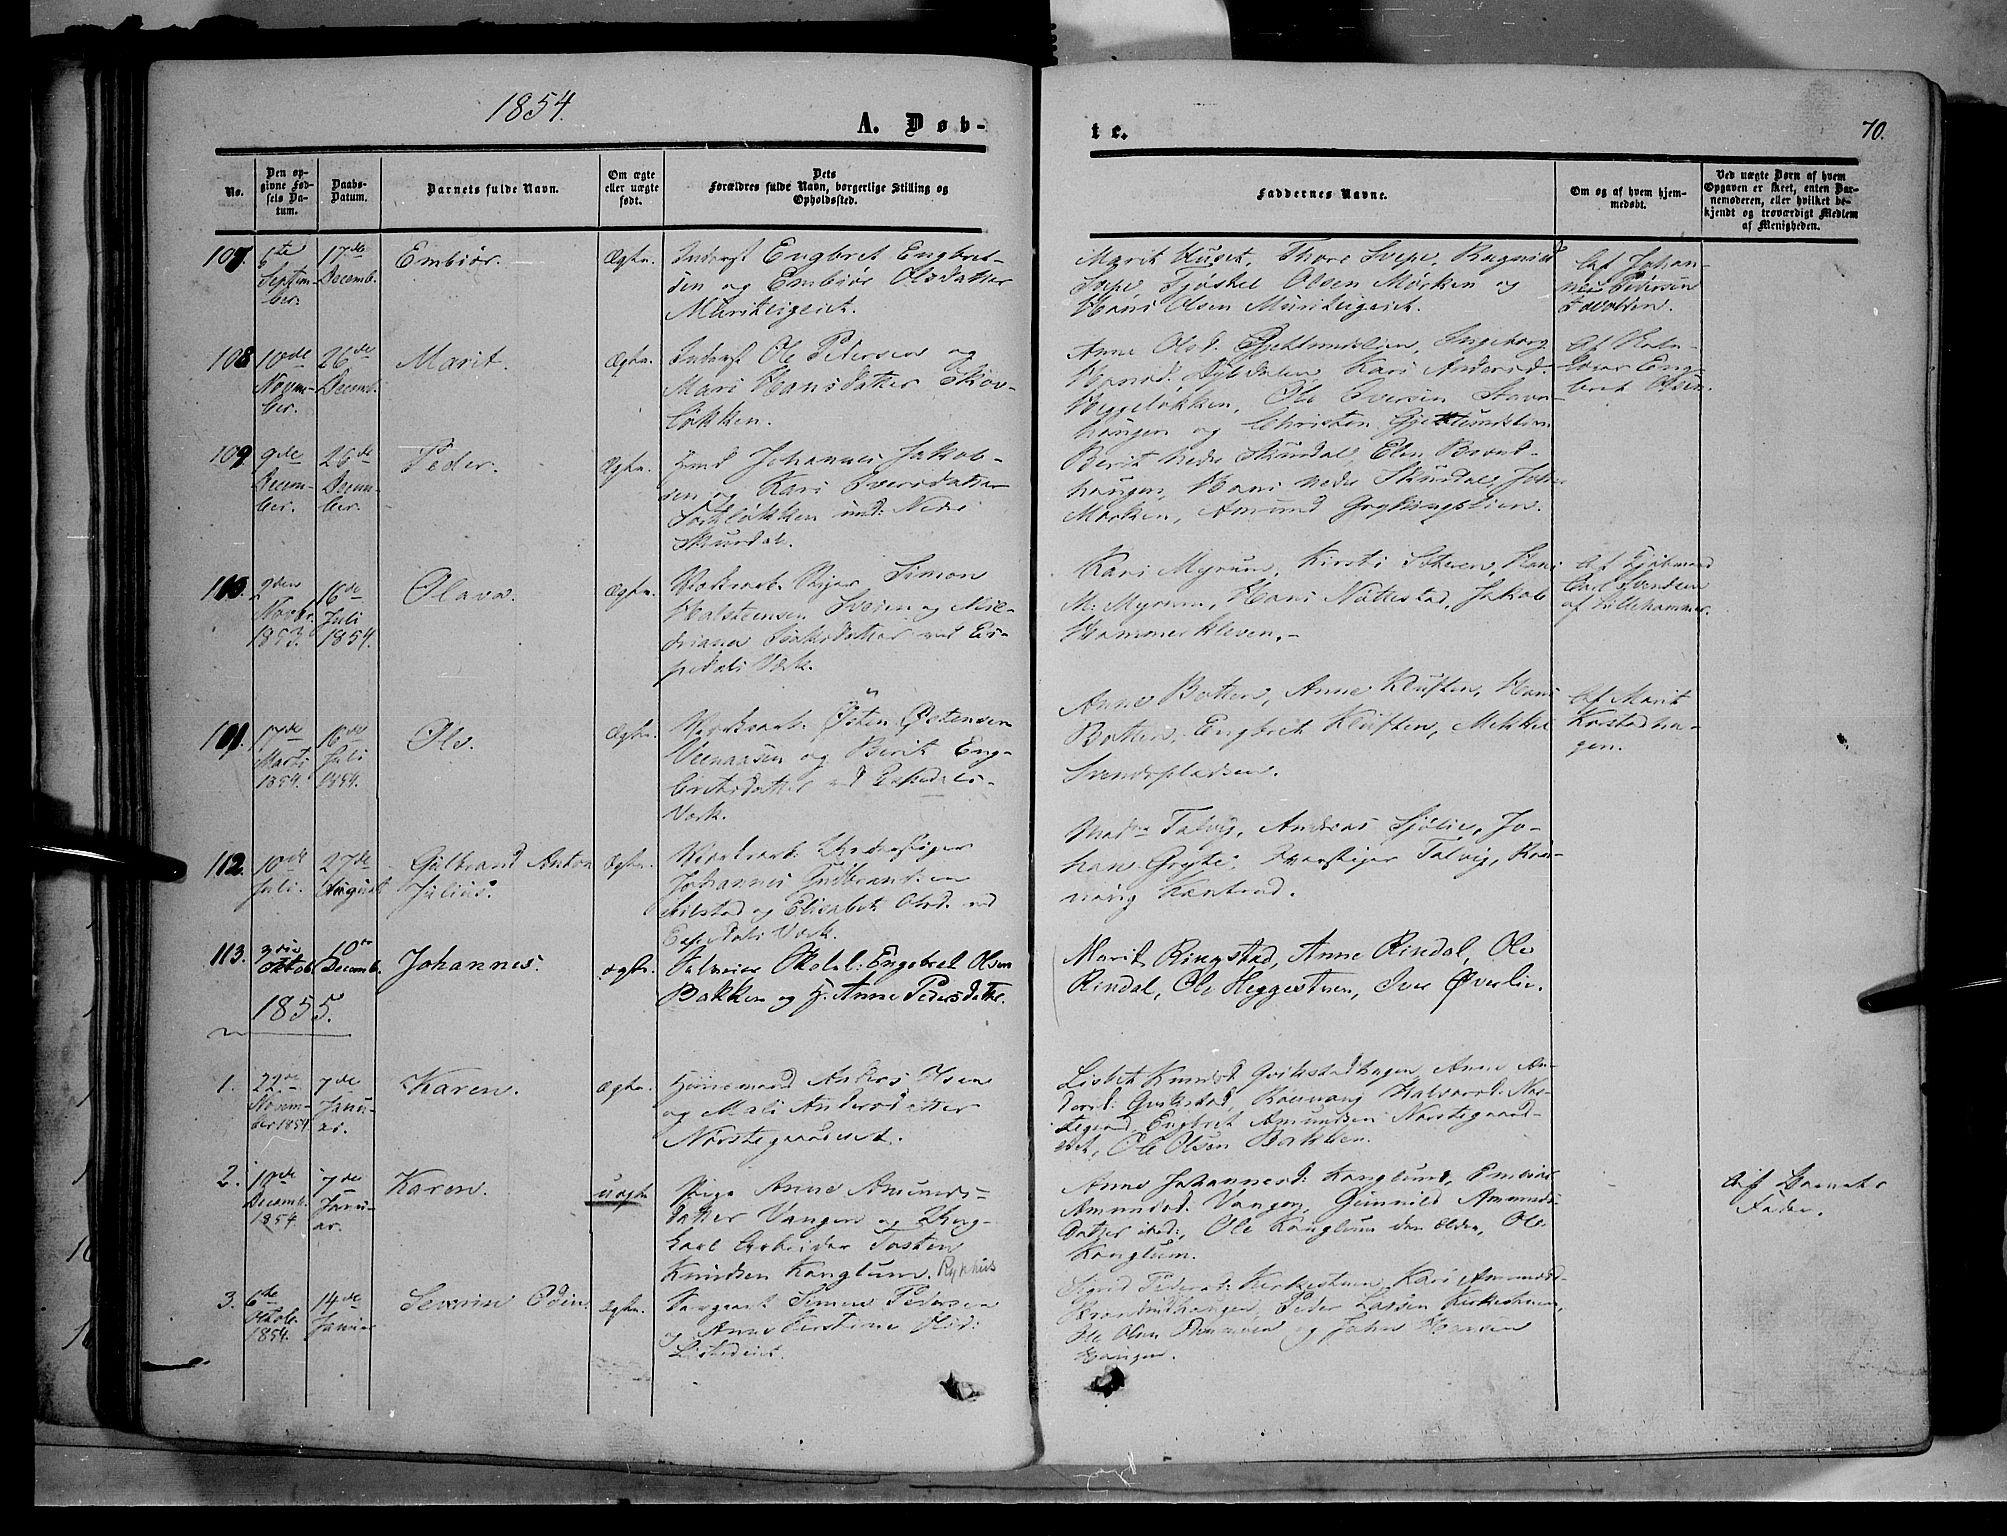 SAH, Sør-Fron prestekontor, H/Ha/Haa/L0001: Ministerialbok nr. 1, 1849-1863, s. 70